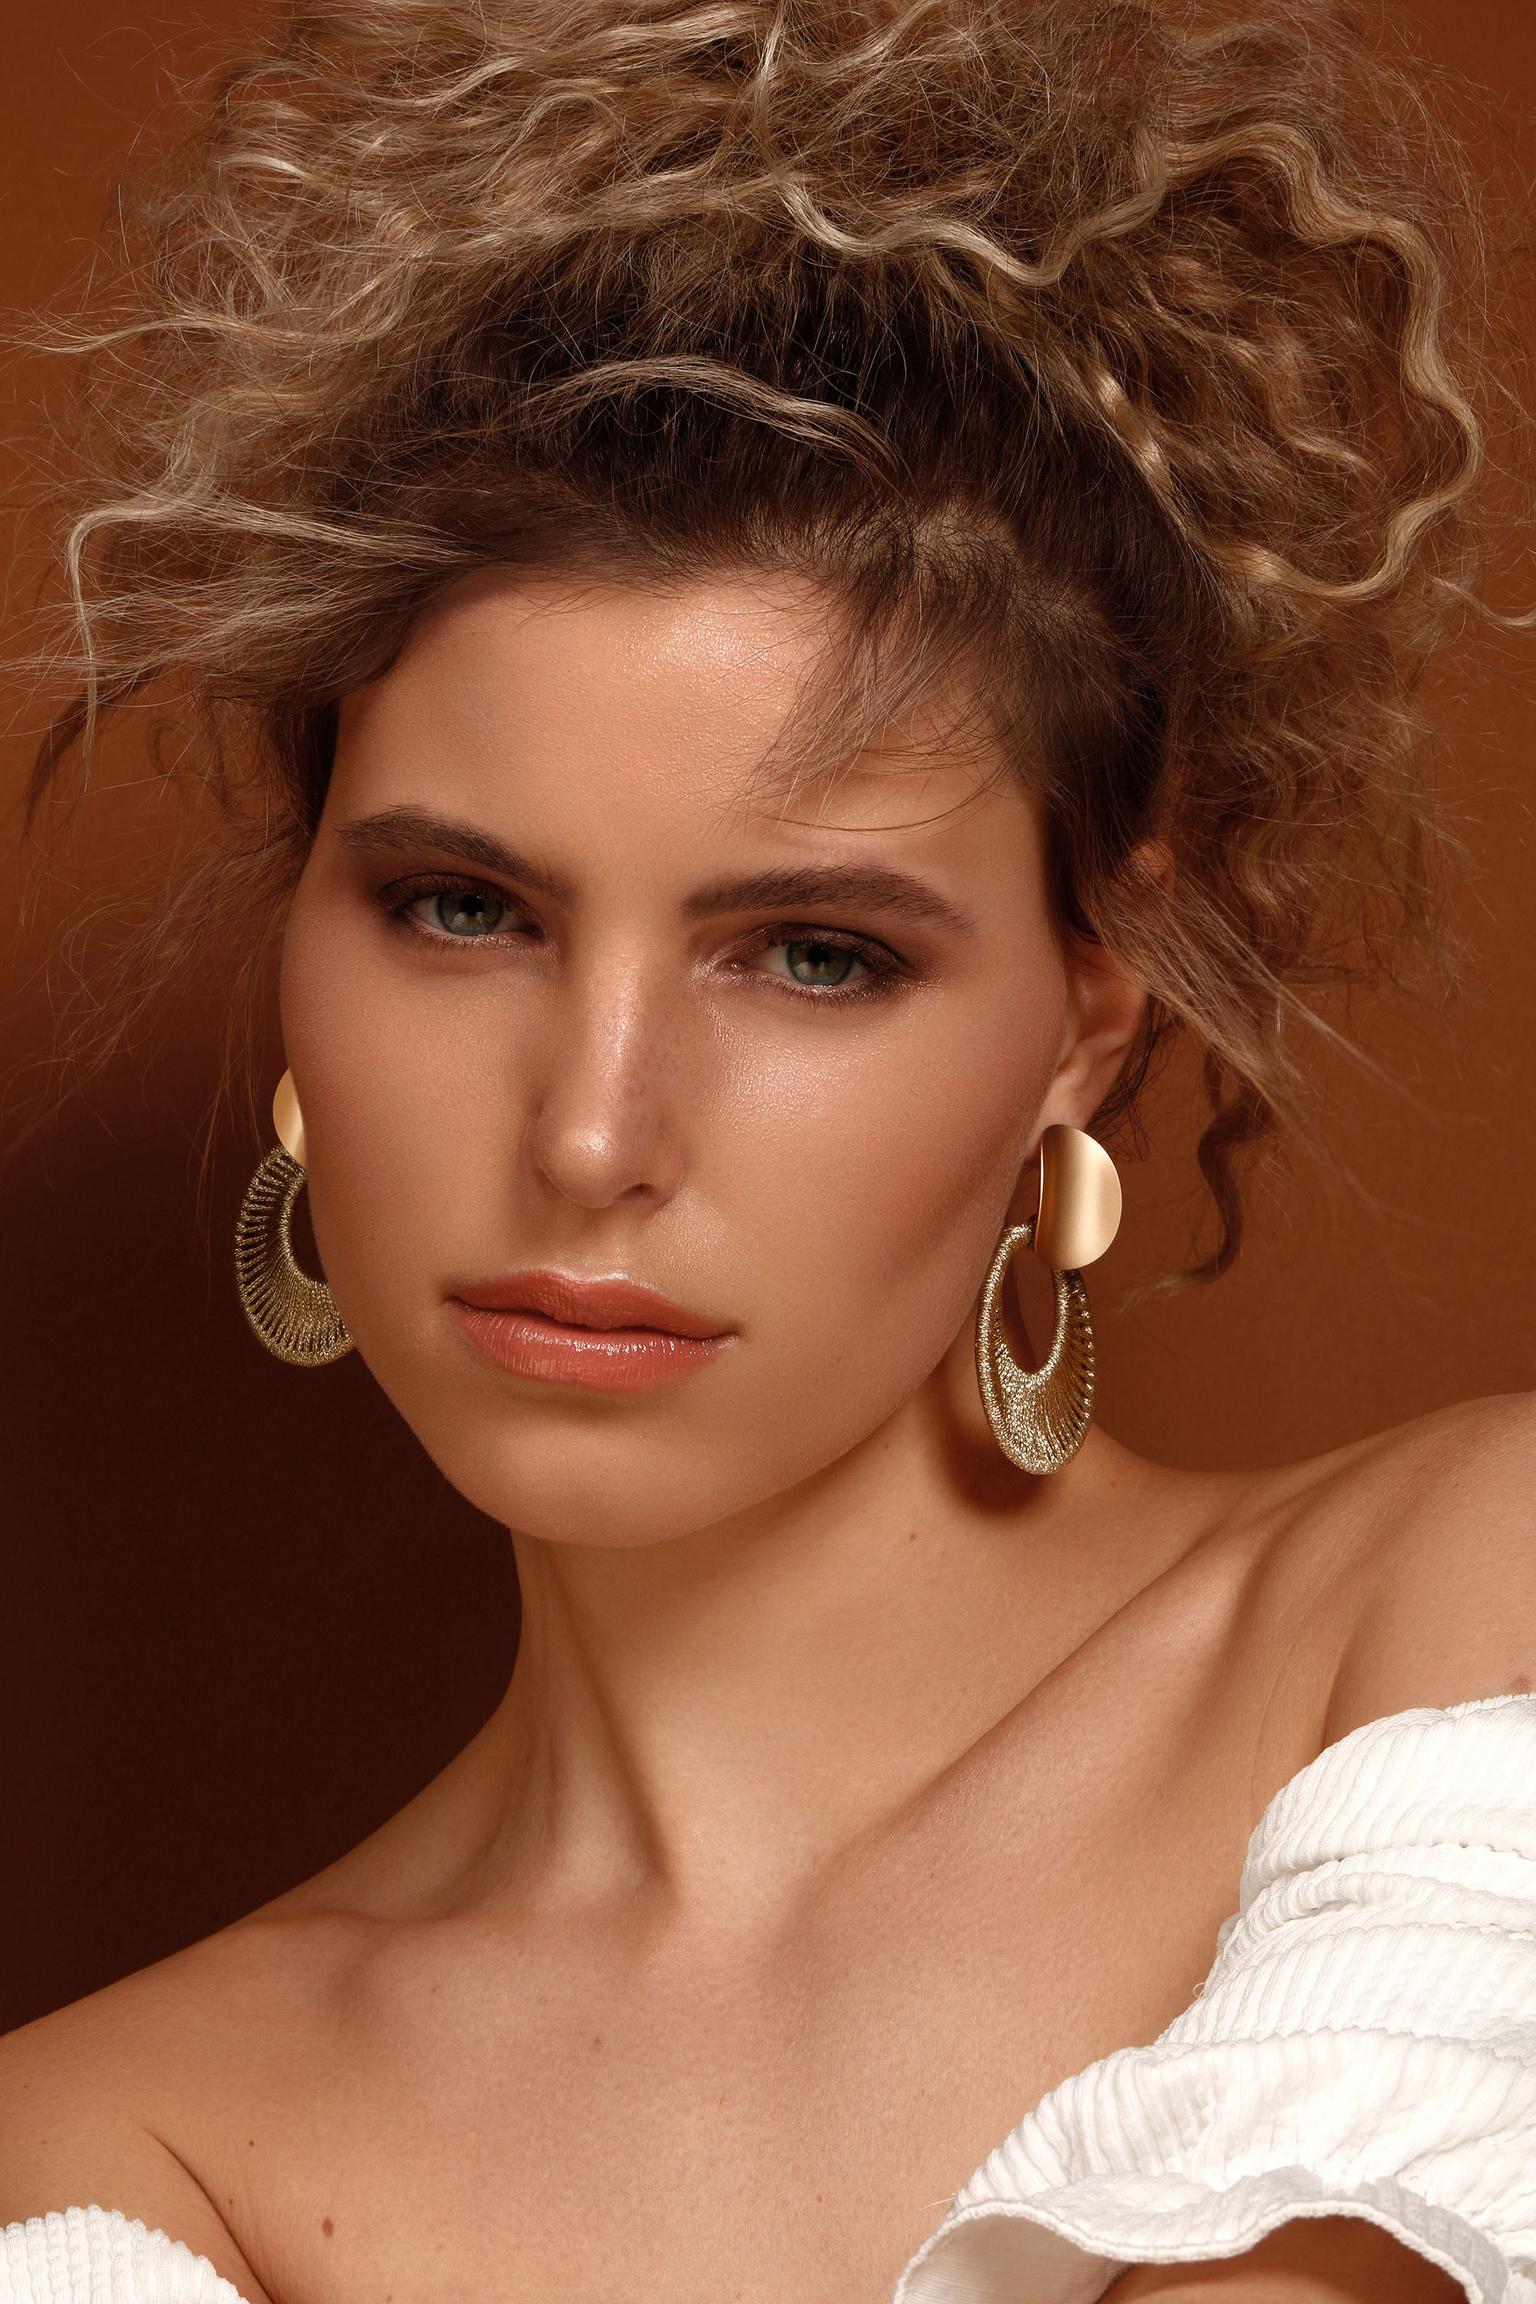 Beauty Ieke - Fotografie: Karin van Berkel Visagie: Greanne Carty Model: Ieke @ De Boekers - foto door karinvanberkell op 11-04-2021 - locatie: Breda, Nederland - deze foto bevat: gezicht, huid, lip, kin, wenkbrauw, schouder, oog, wimper, lippenstift, mode